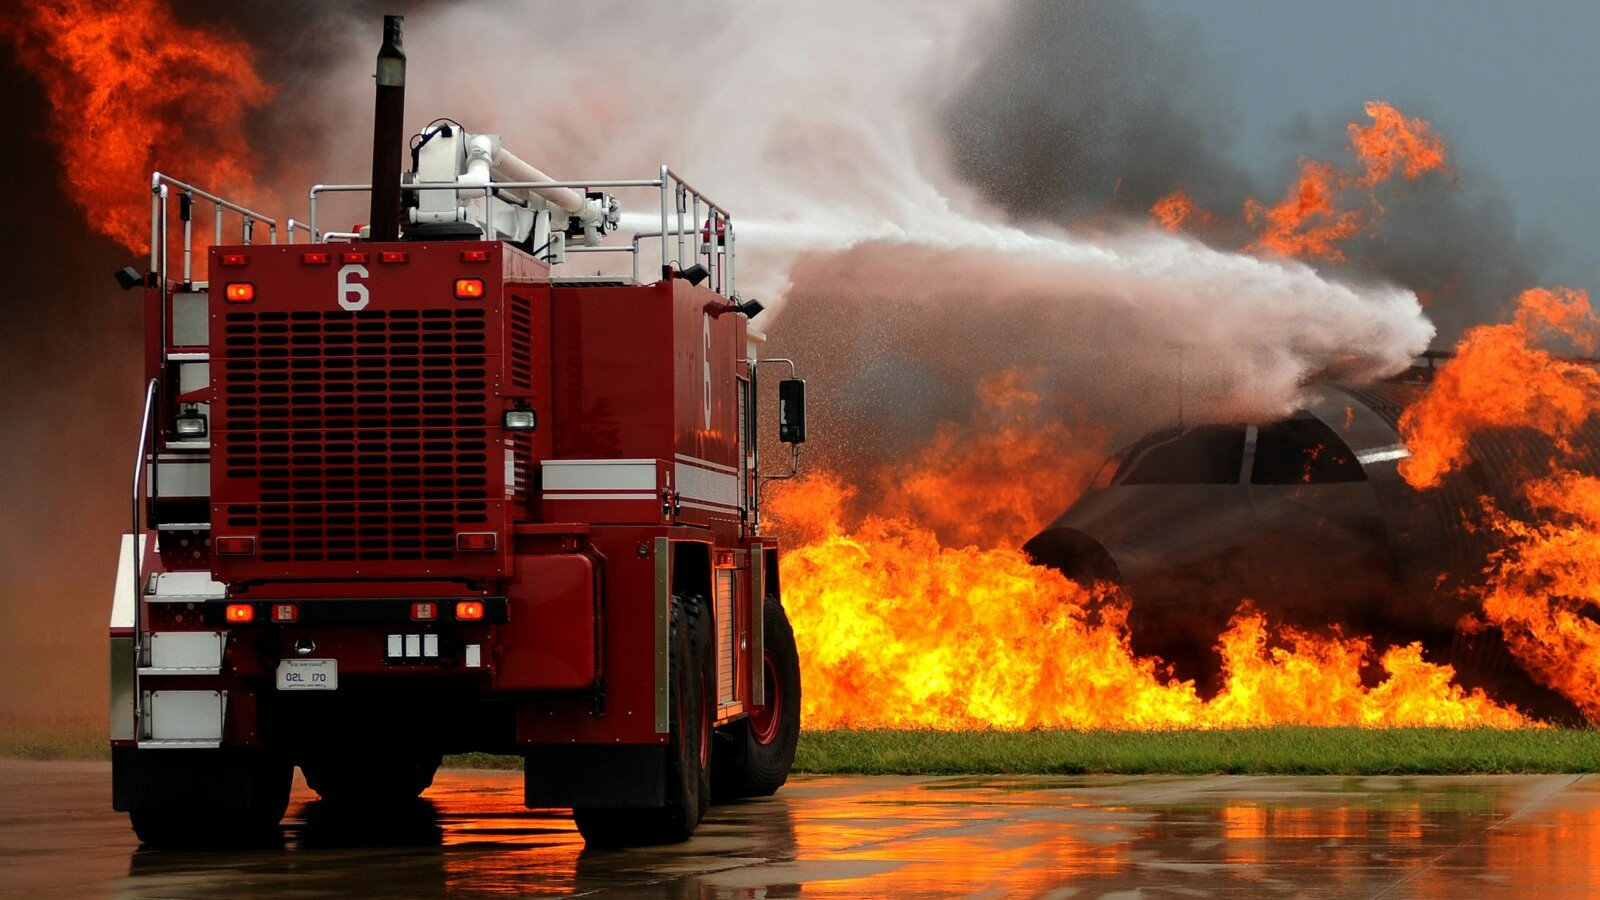 ttp://2019.brandschutz-kontor.de/wp-content/uploads/2020/09/flickr-4949436050-original_Feuerwehrfahrzeug-im-Einsatz-Foto_Kenny-Holston.jpg